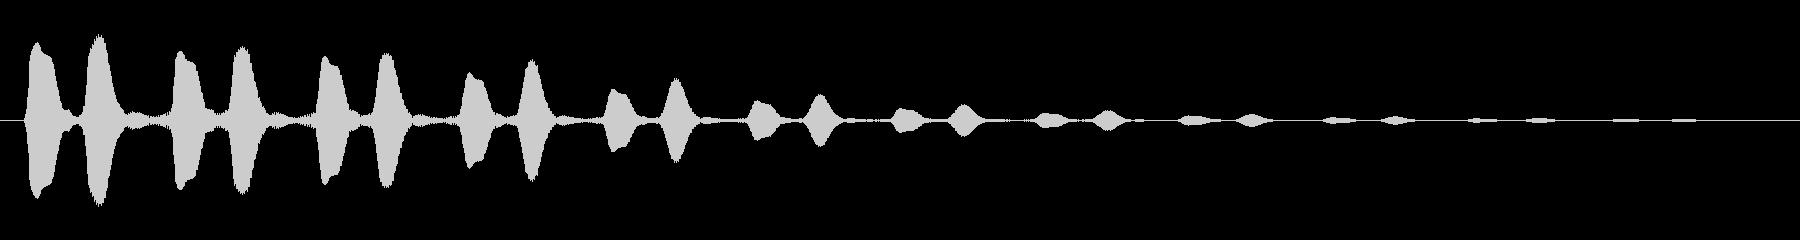 ピポピポピポ…という宇宙的な音の未再生の波形